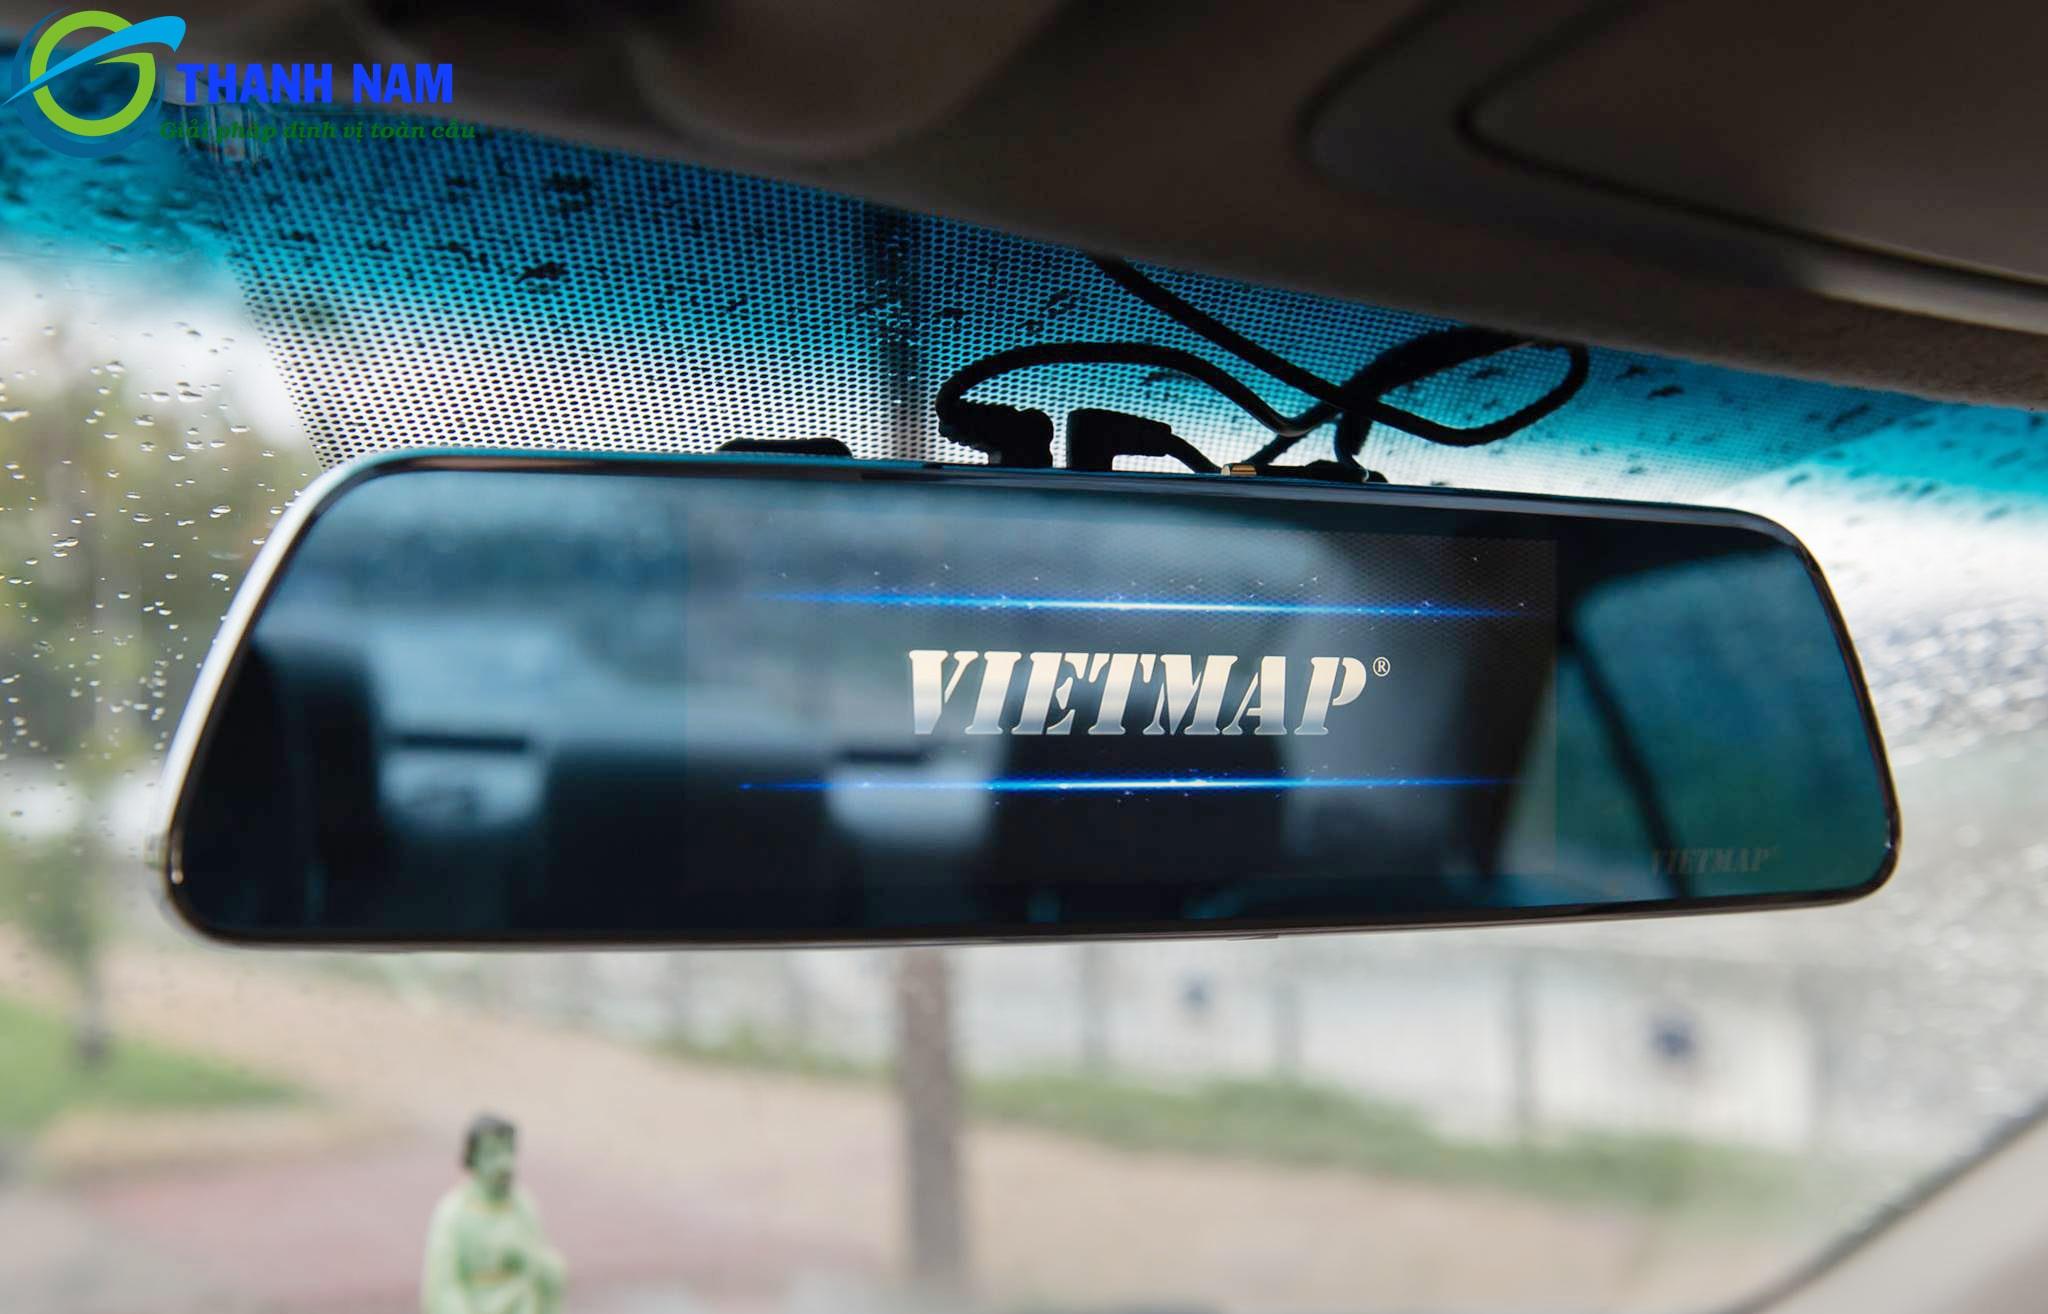 camera hành trình gương vietmap idvr p1